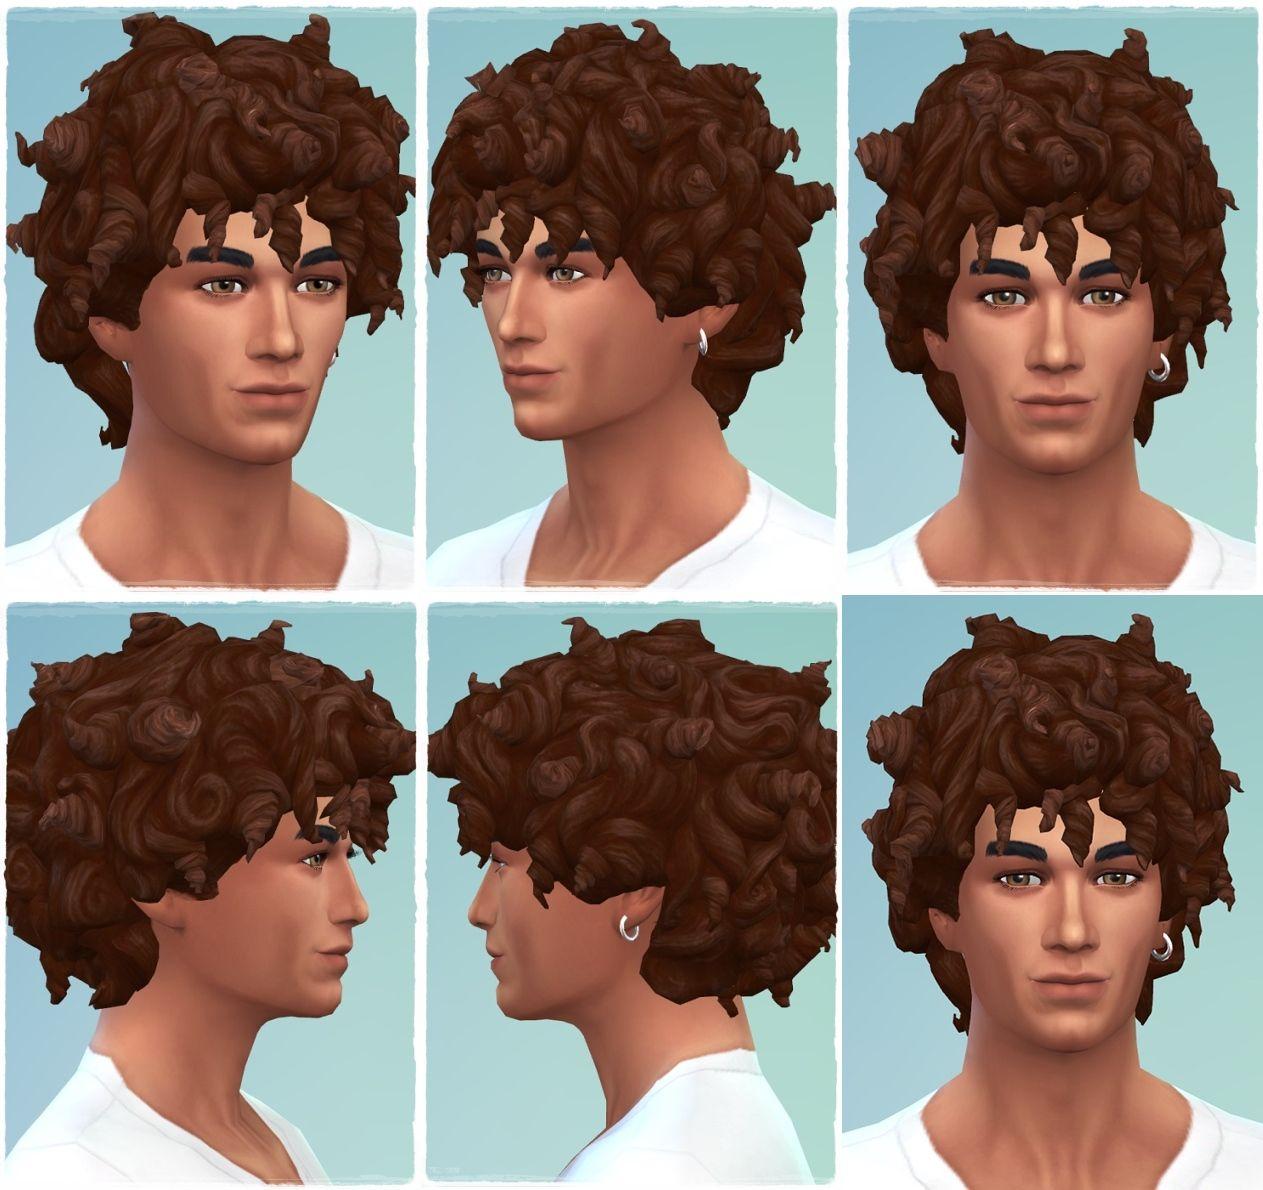 Hermoso mods peinados sims 4 Fotos de consejos de color de pelo - Mods Para Los Sims 4 Peinados | Las Mejores Imágenes de ...